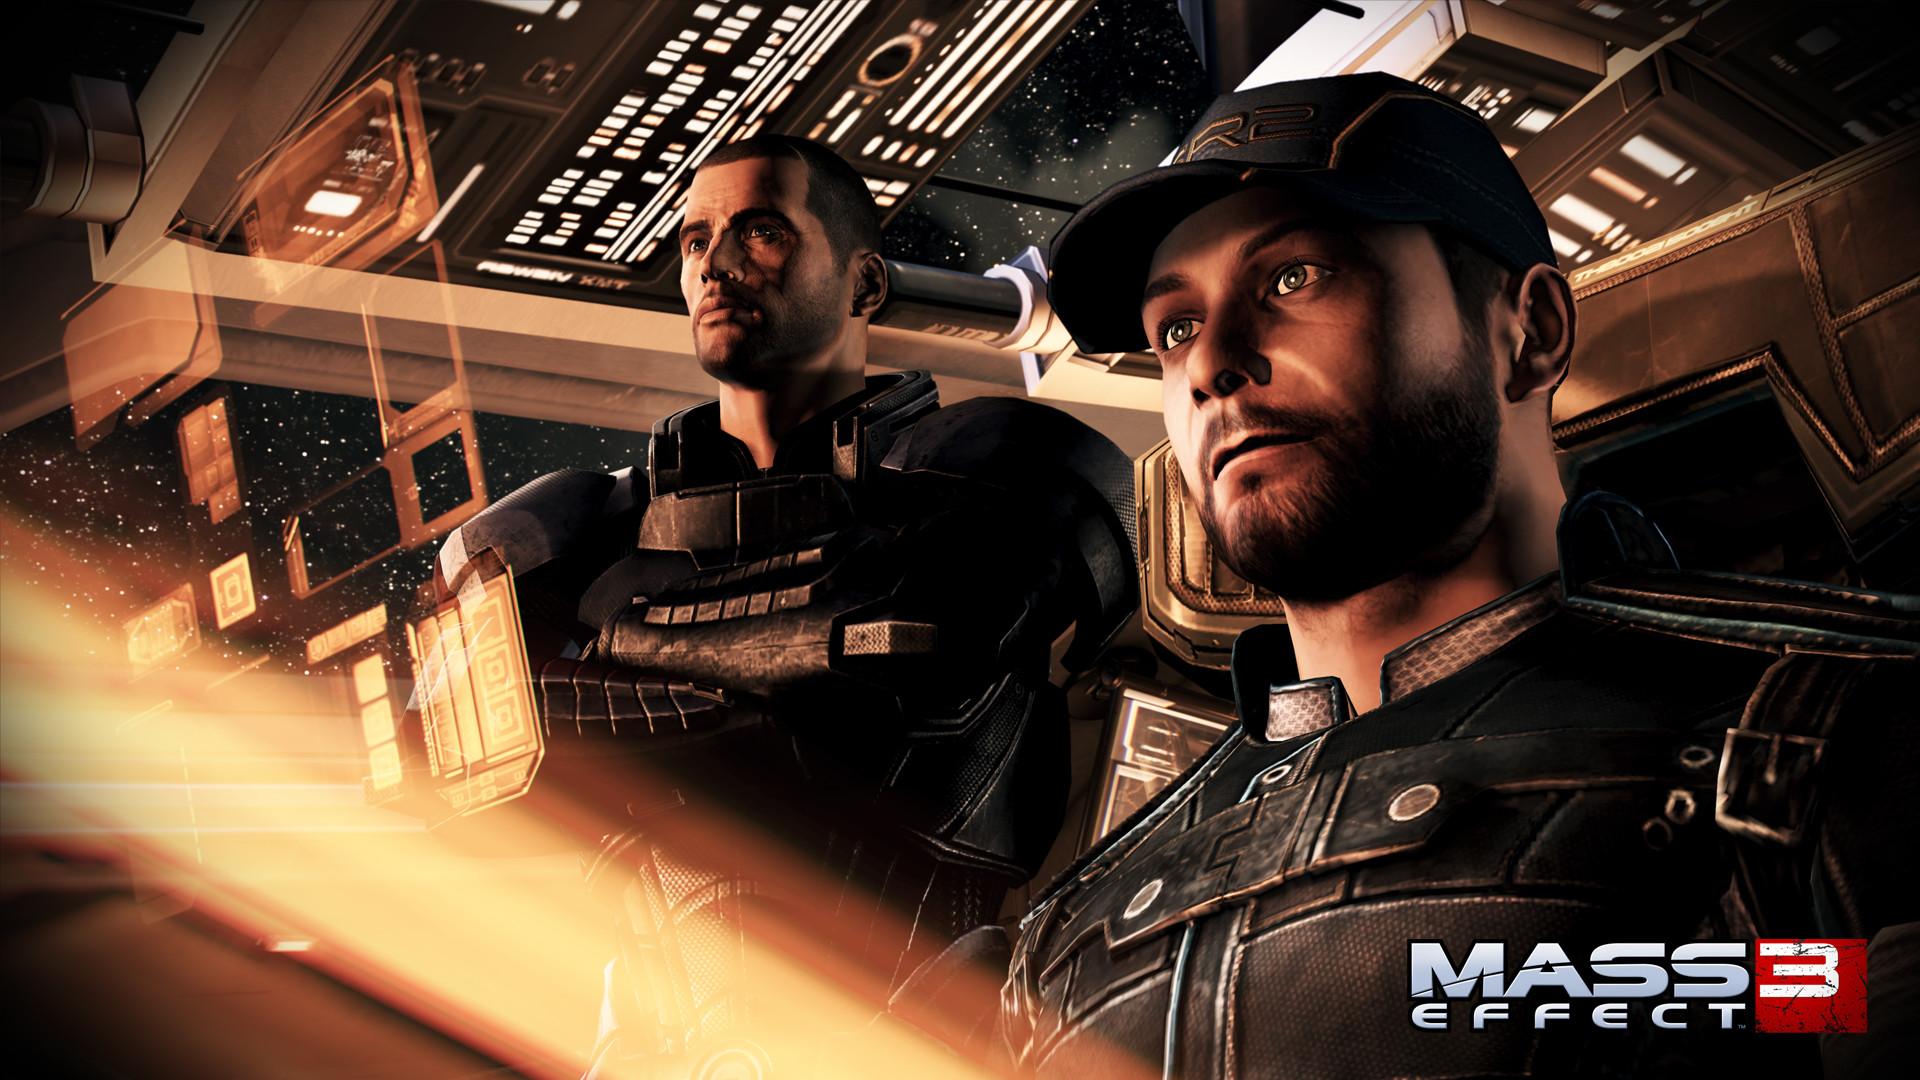 Res: 1920x1080, Jessica Chobot Mass Effect 3